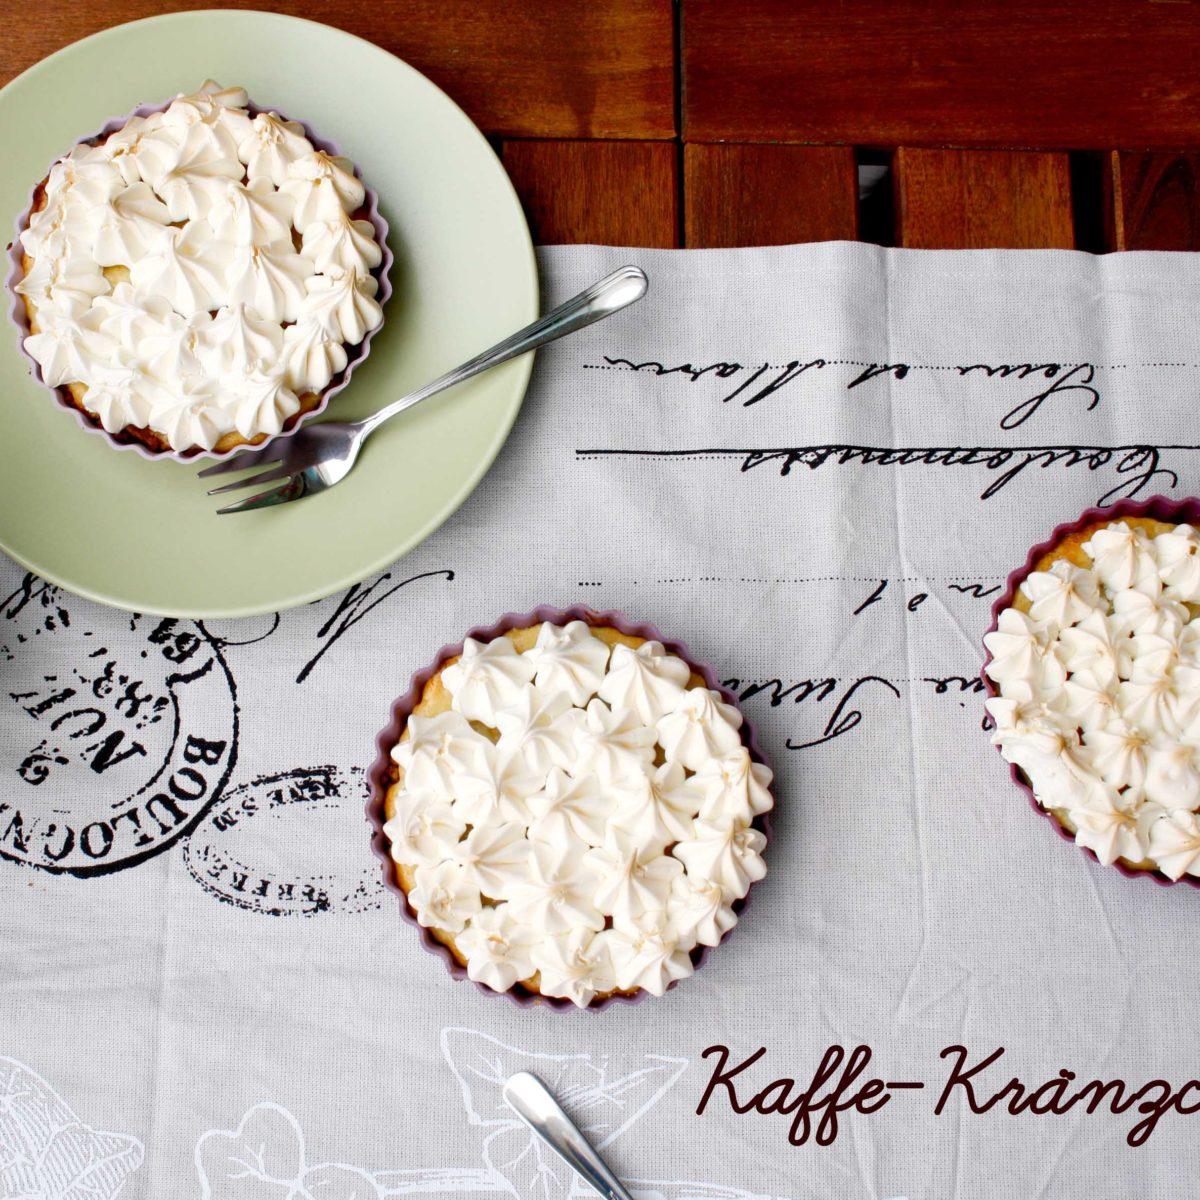 Key Lime Pie by http://babyrockmyday.com/key-lime-pie/